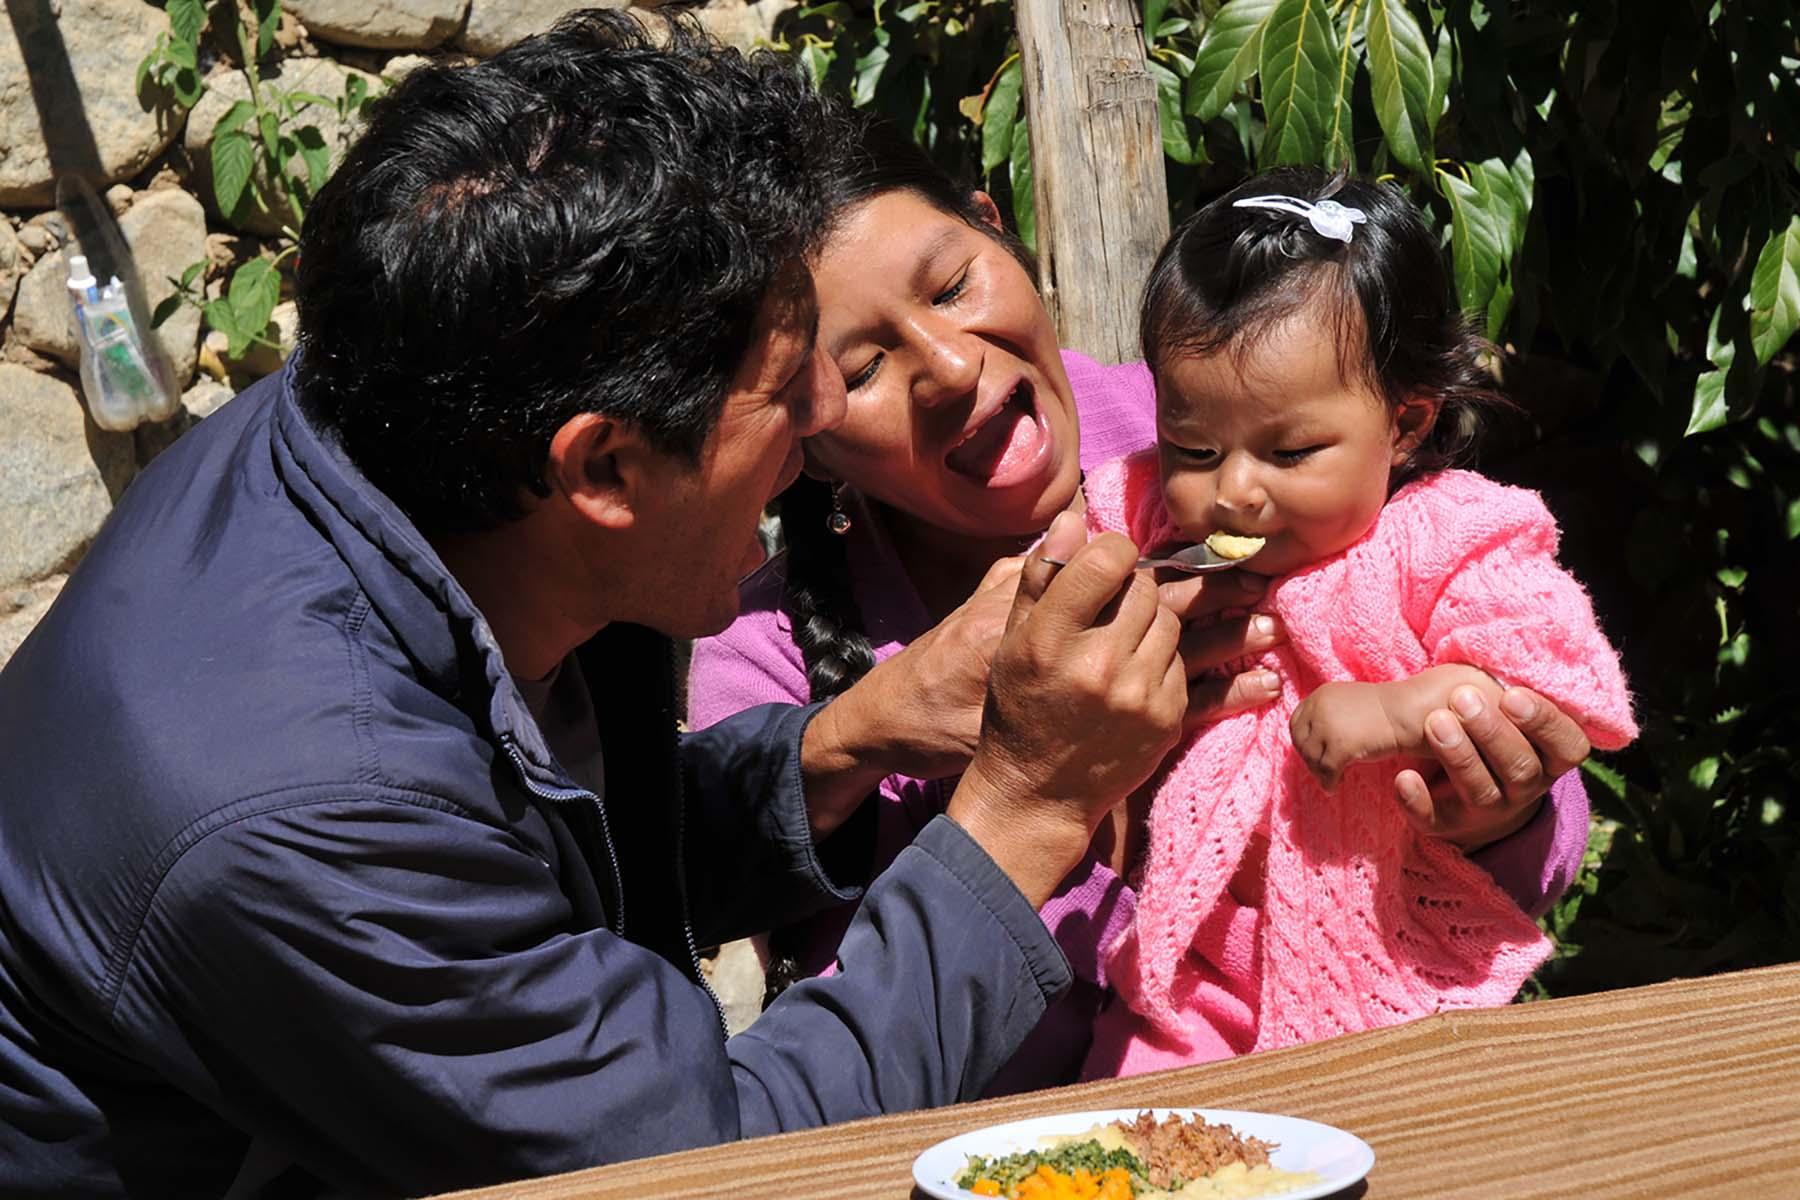 图片:在秘鲁的一个营养项目中,一对父母在喂养他们的孩子